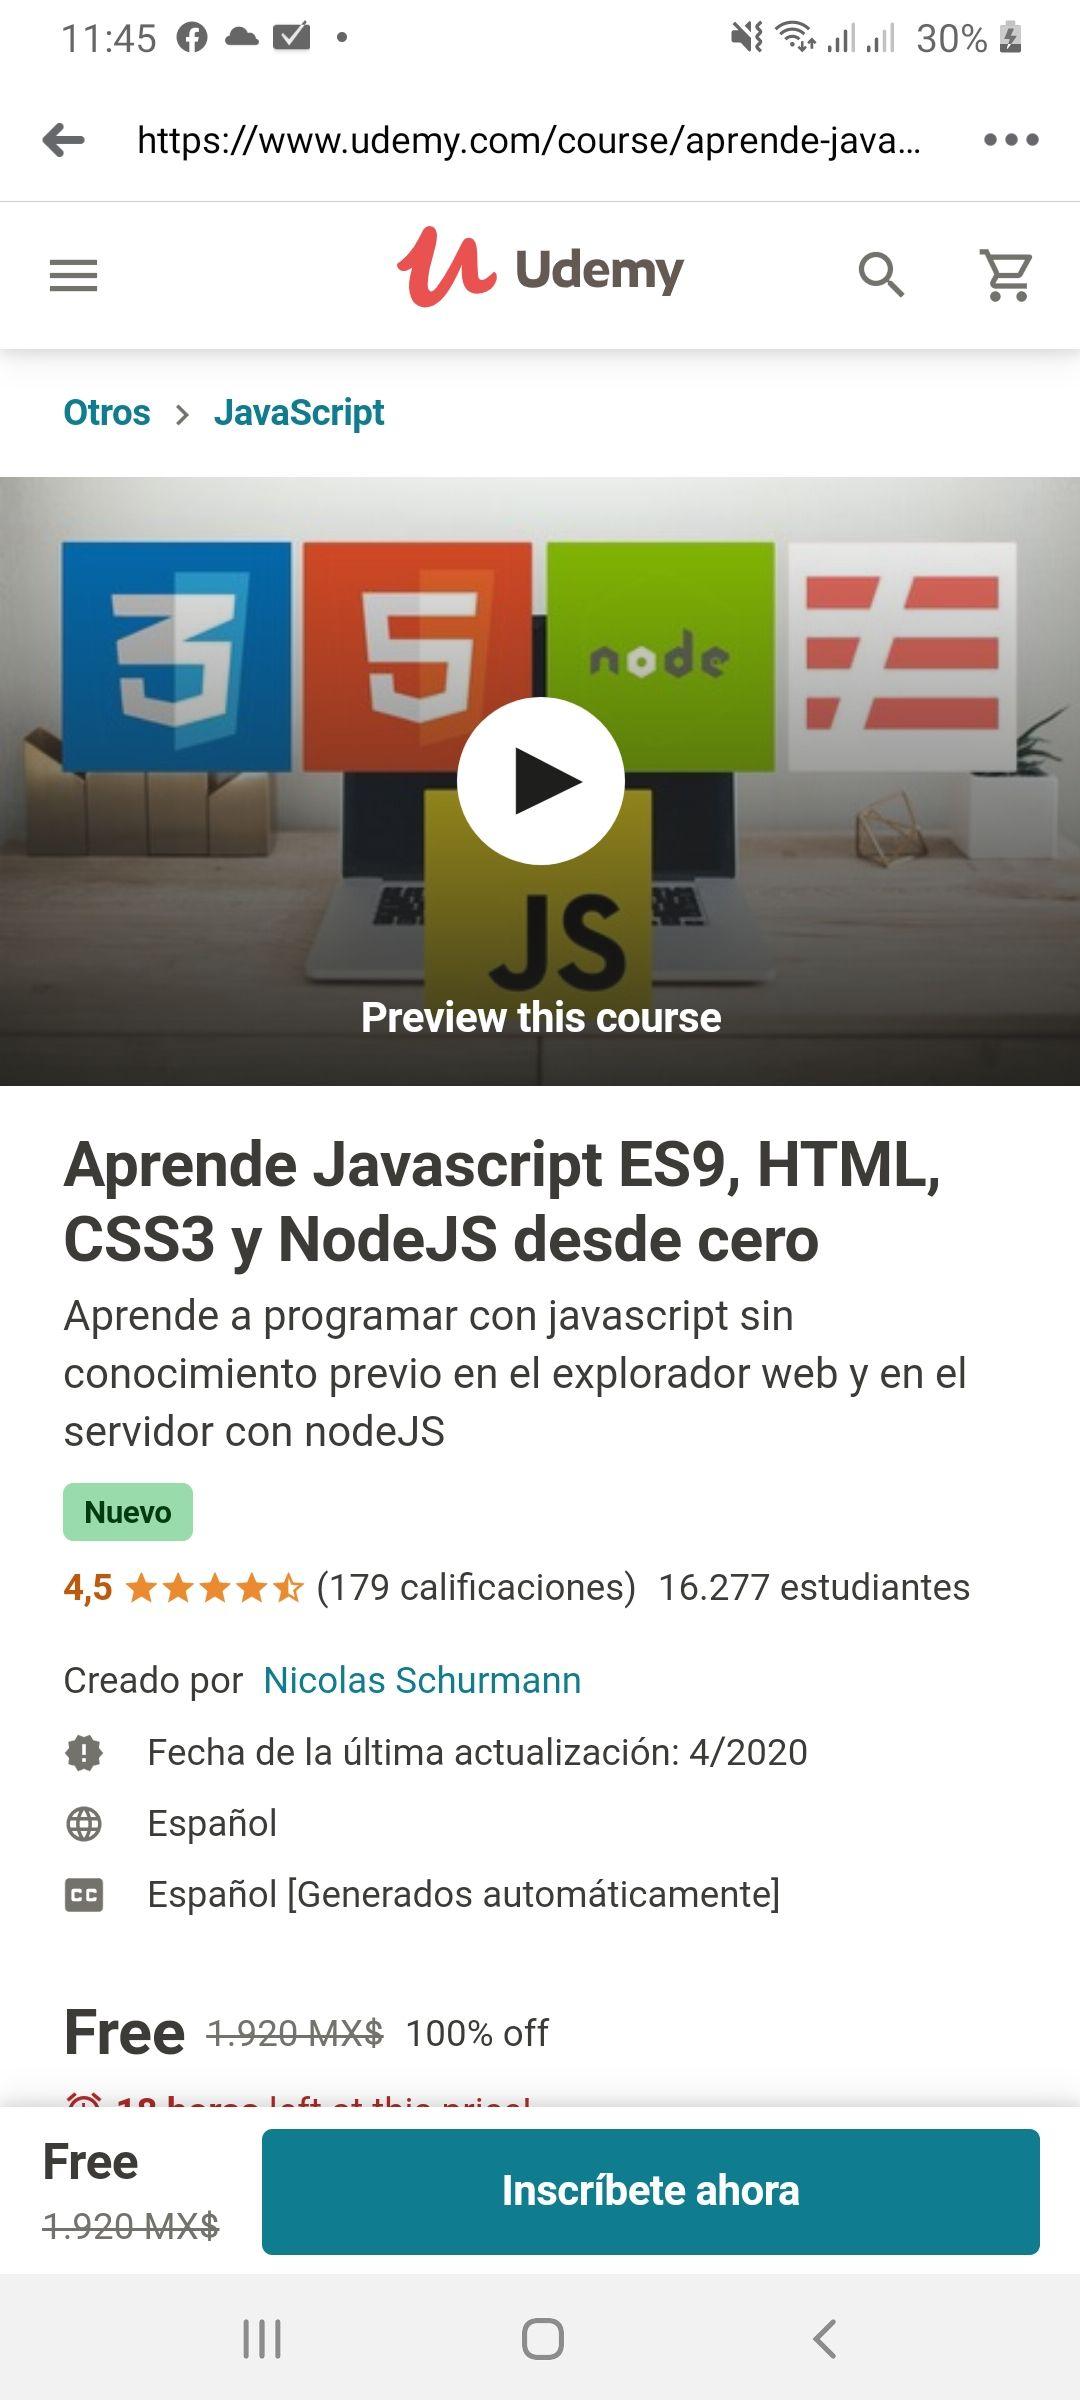 Udemy: Aprende Javascript ES9, HTML, CSS3 y NodeJS desde cero